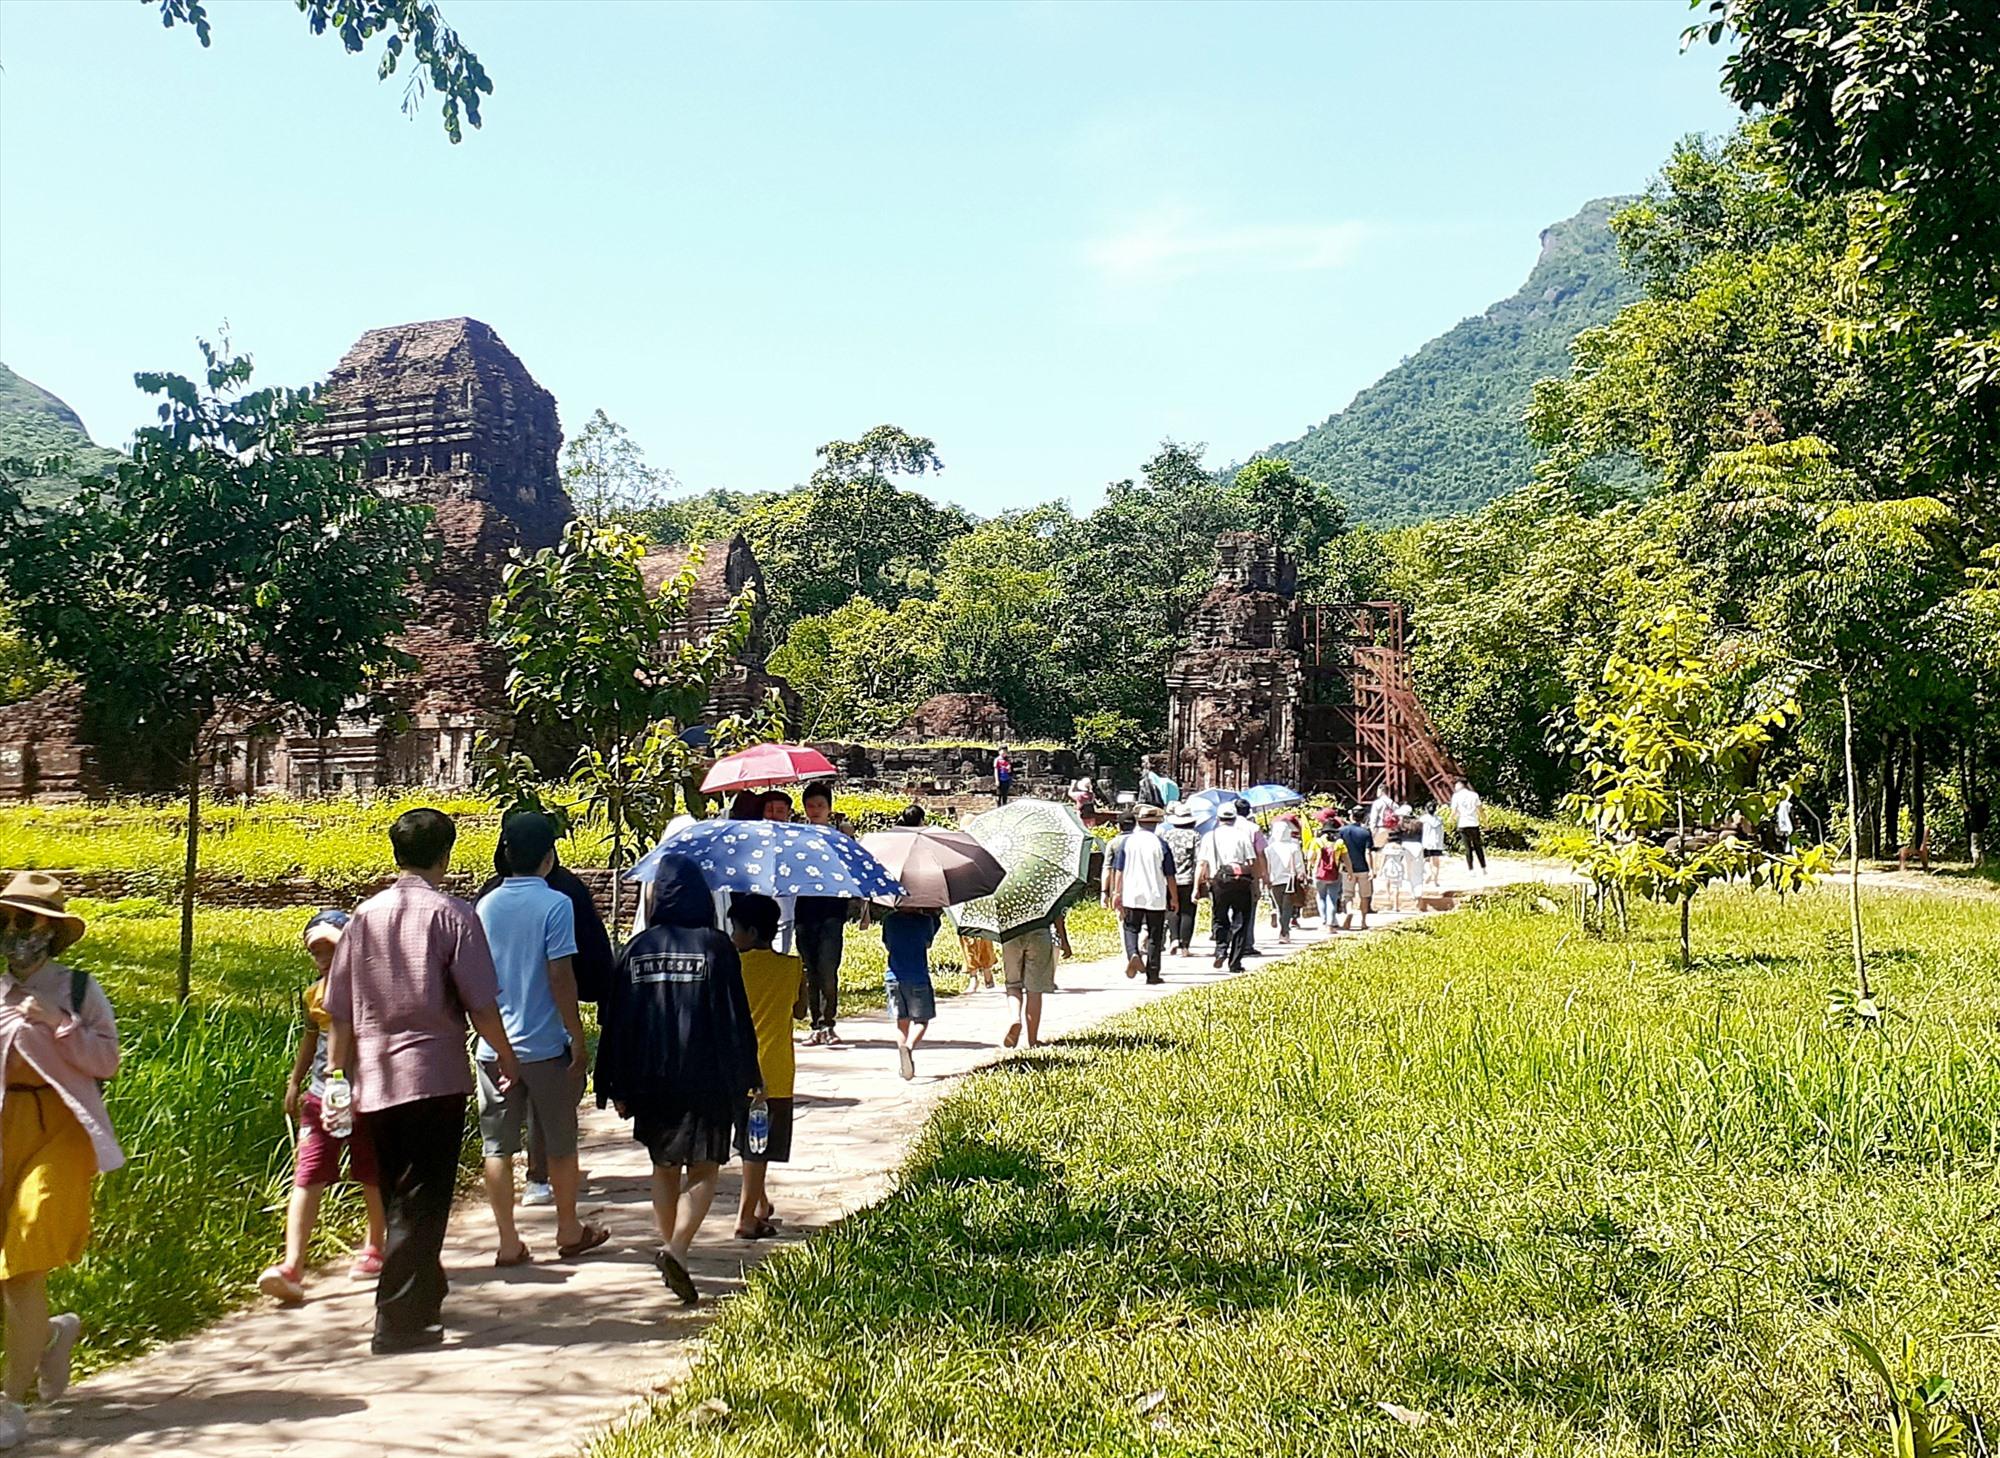 Nhiều năm qua, du lịch Quảng Nam chỉ phát triển mạnh mẽ, tập trung tại các di sản Hội An và Mỹ Sơn. TRONG ẢNH: Du khách tham quan Mỹ Sơn đầu năm 2020. Ảnh: X.HIỀN